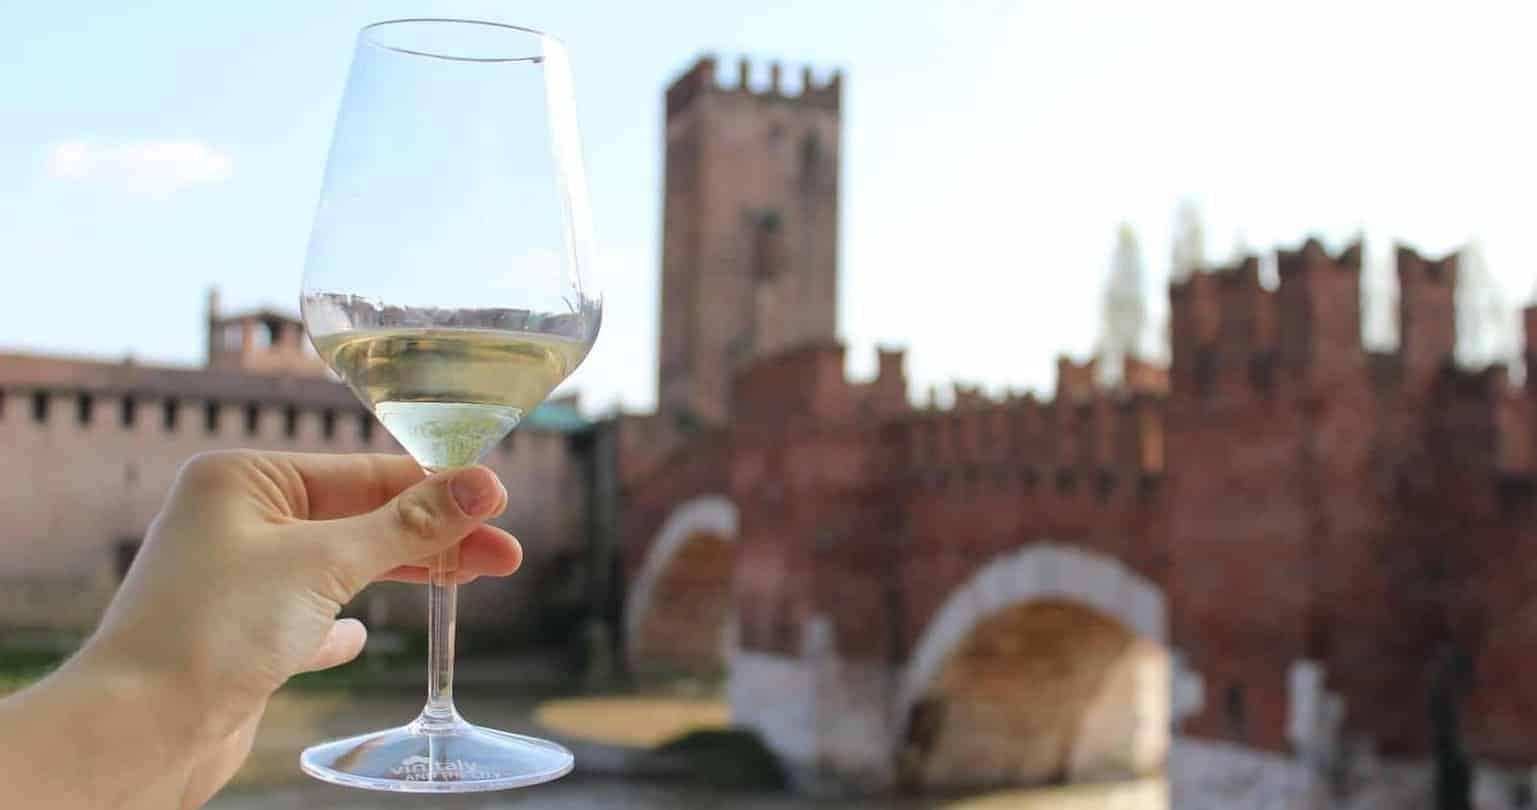 Verona-Ponte di Castelvecchio-Verona città dell'enoturismo